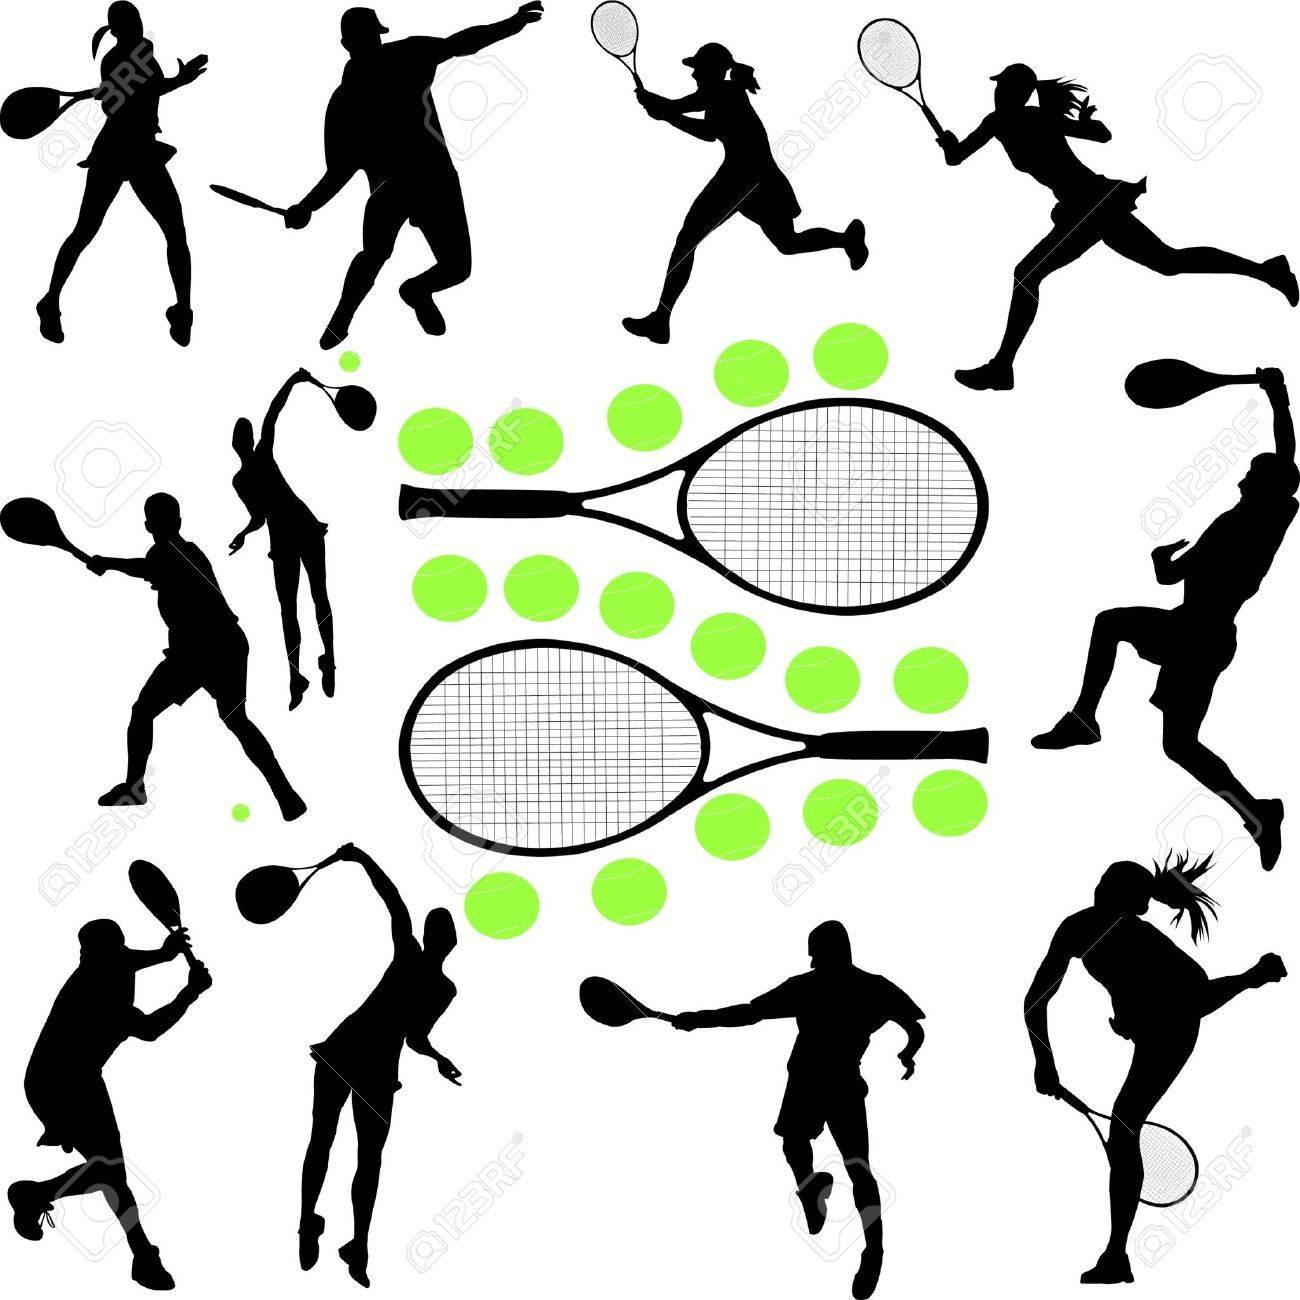 tennis collection 1 - vector Stock Vector - 12494635